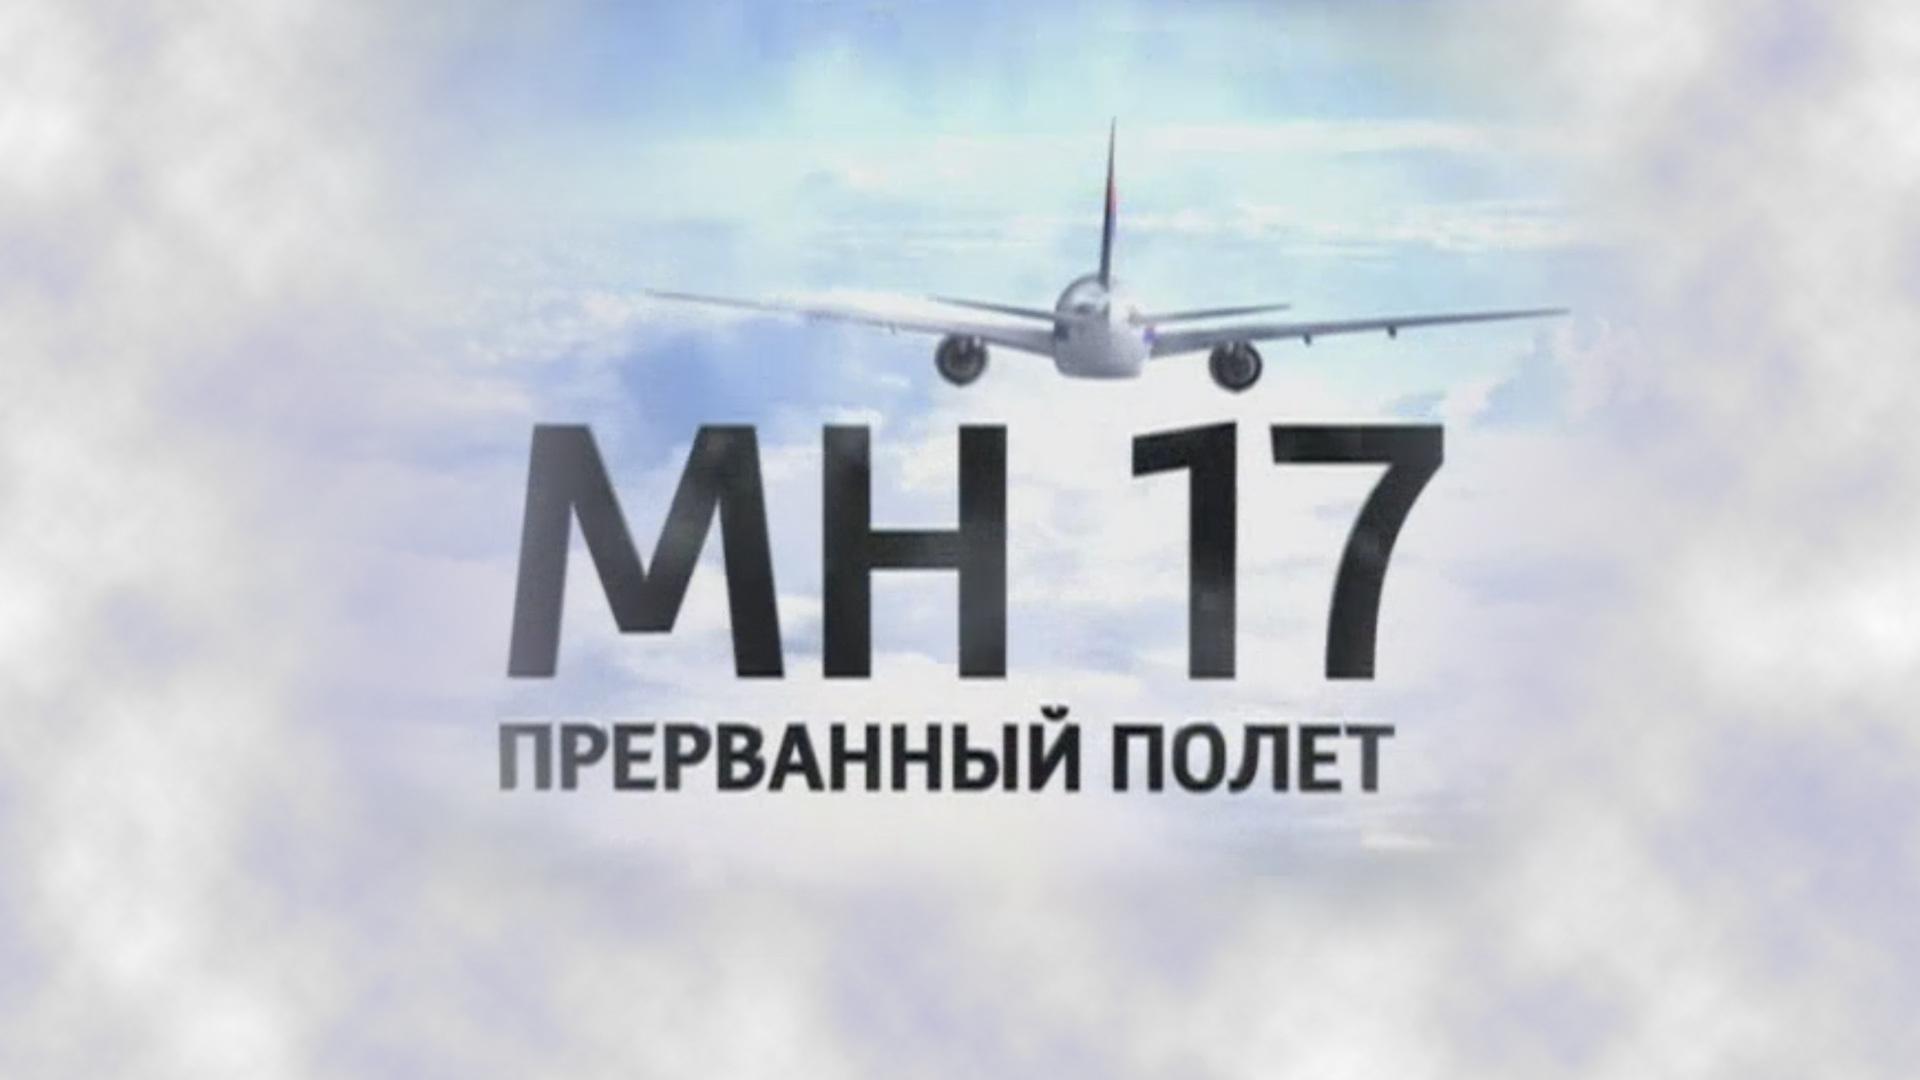 Рейс MH-17. Прерванный полет